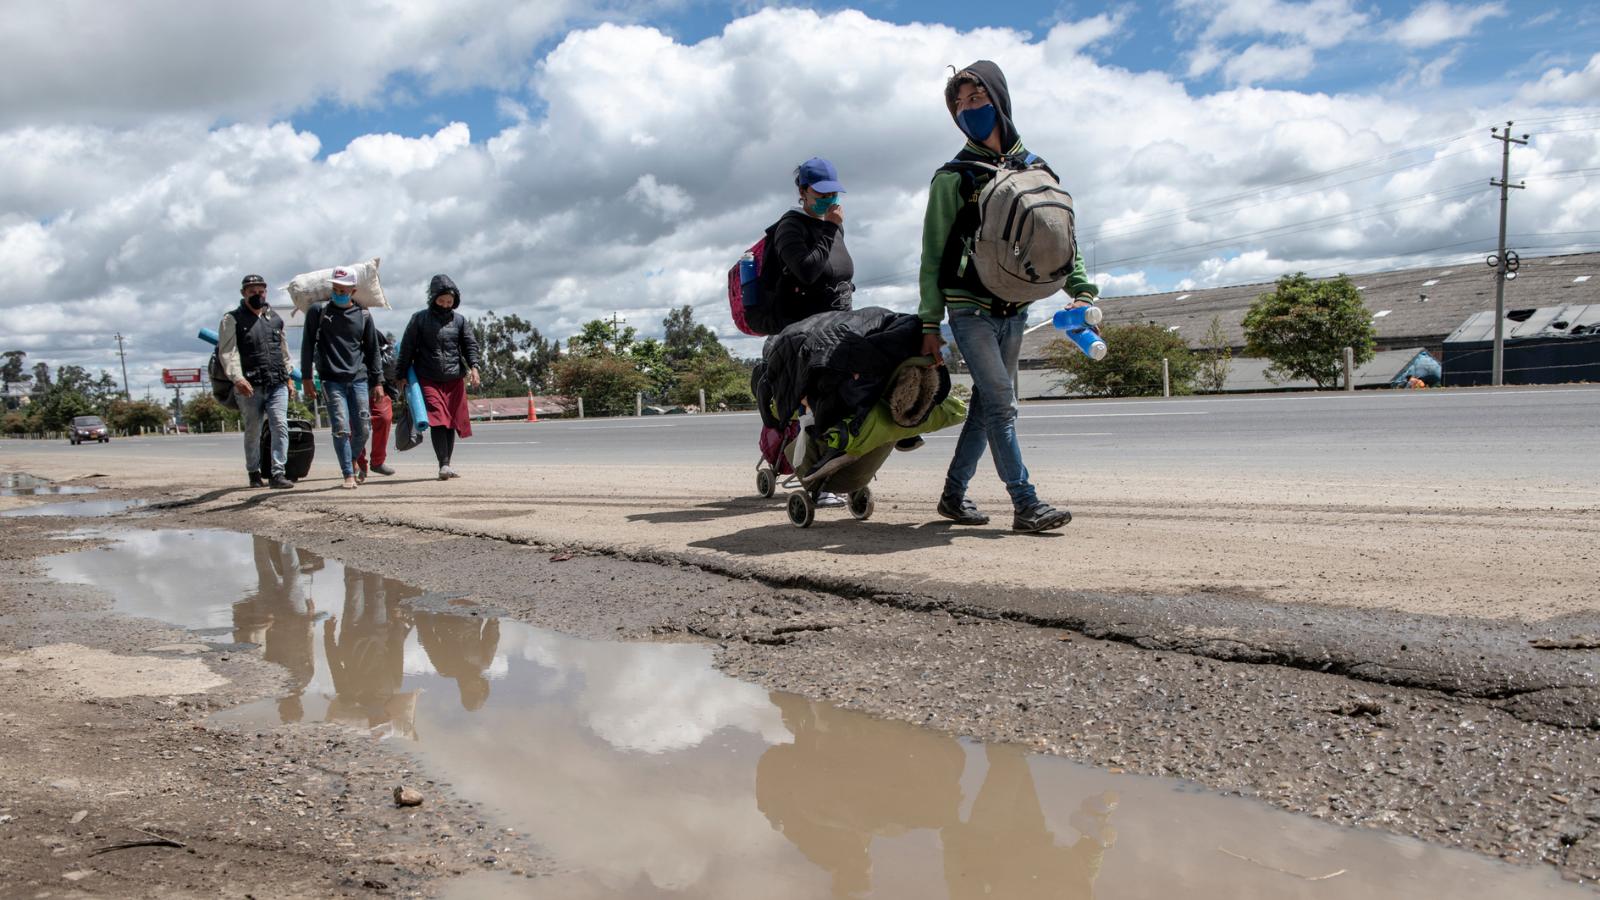 Informe documenta la violación de derechos a los caminantes venezolanos